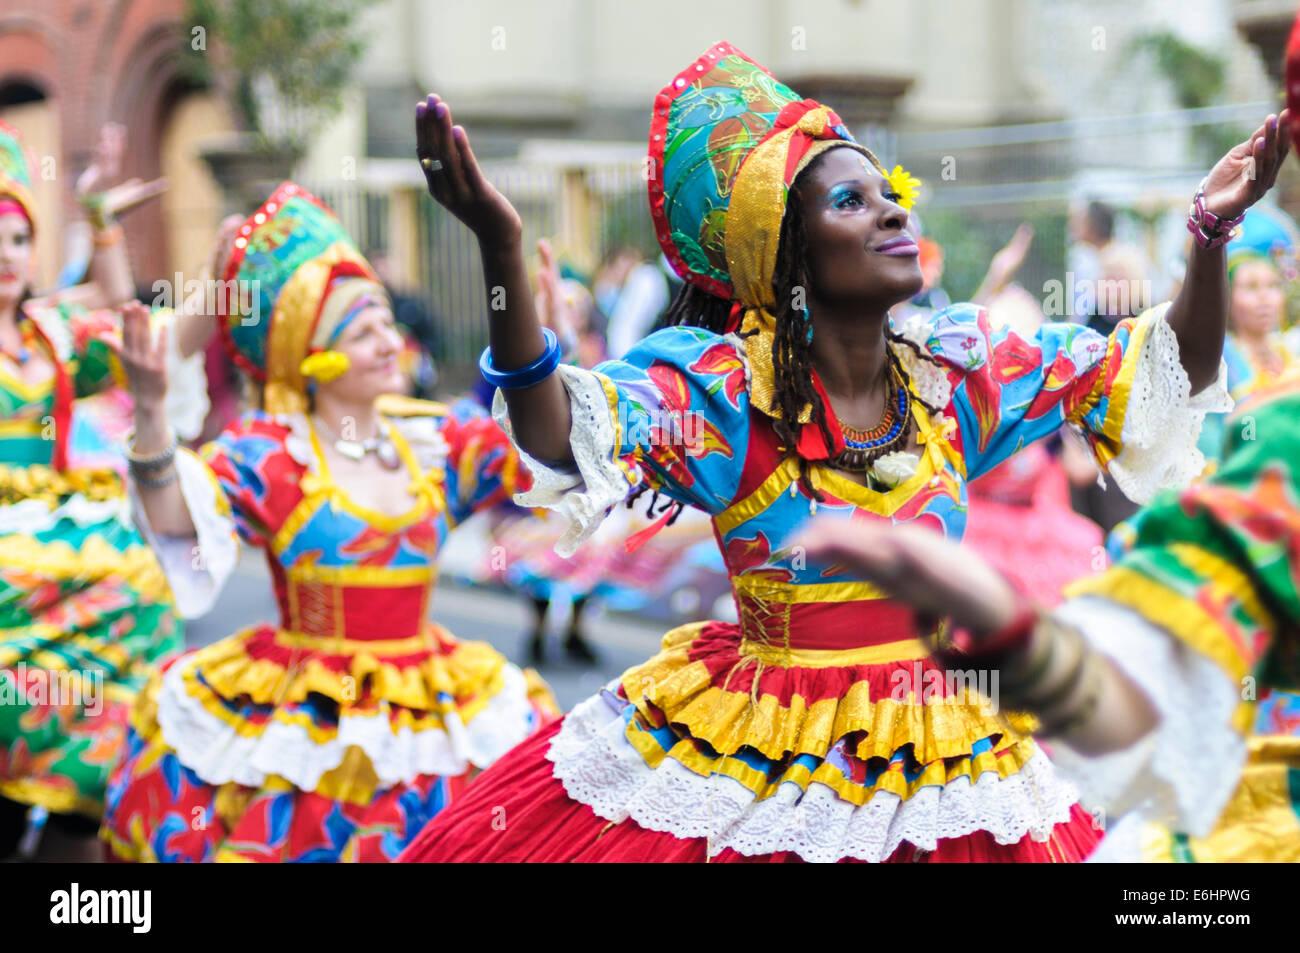 Notting Hill Carnival 2014, Journée des enfants le dimanche. Les membres du groupe de danse Maracatudo Mafua Photo Stock